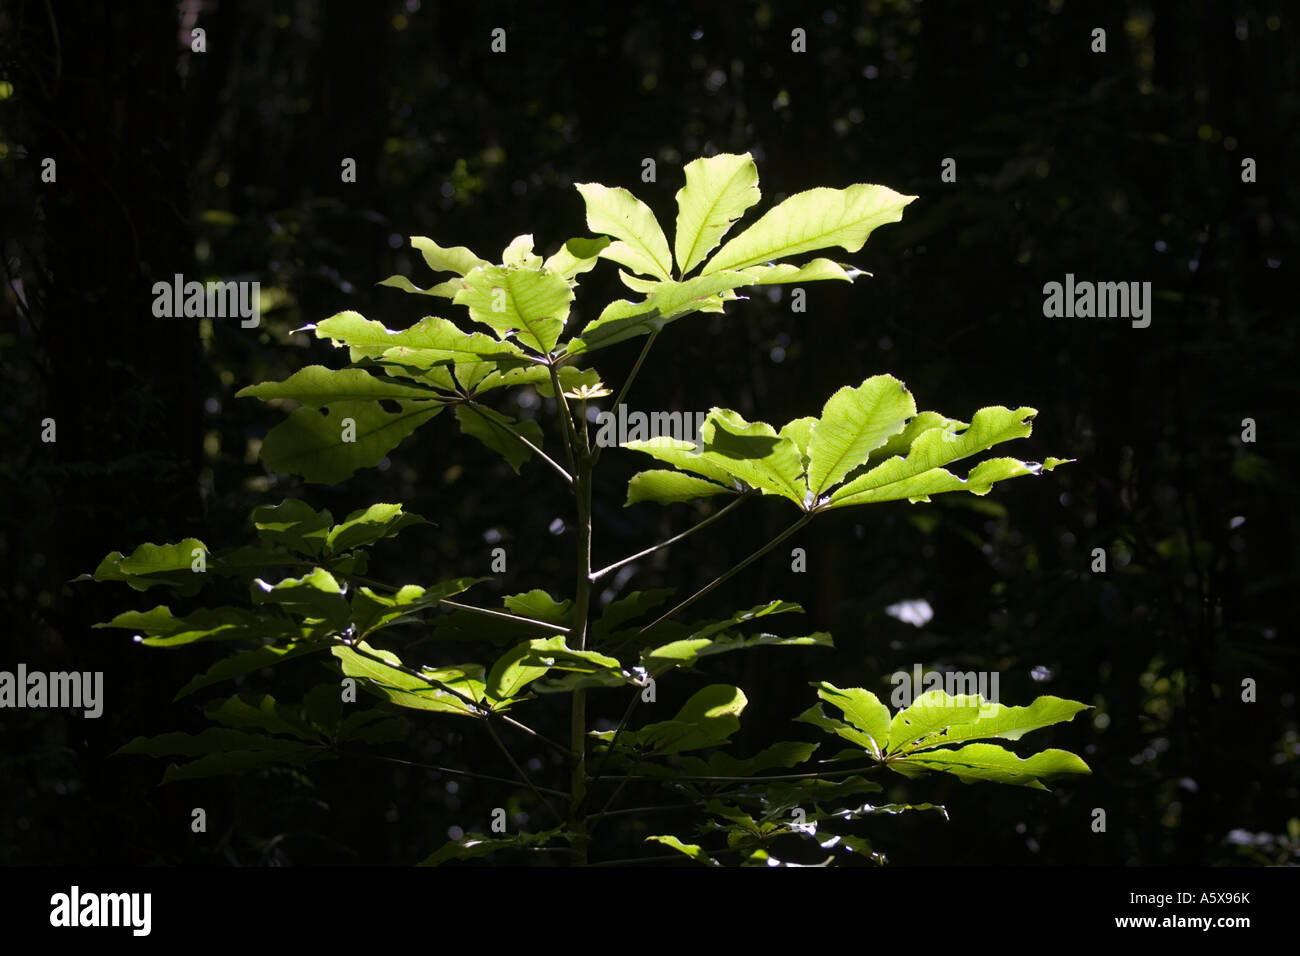 Les feuilles des plantes par la lumière du soleil en contre-jour l'île Kapiti Nouvelle-zélande Photo Stock